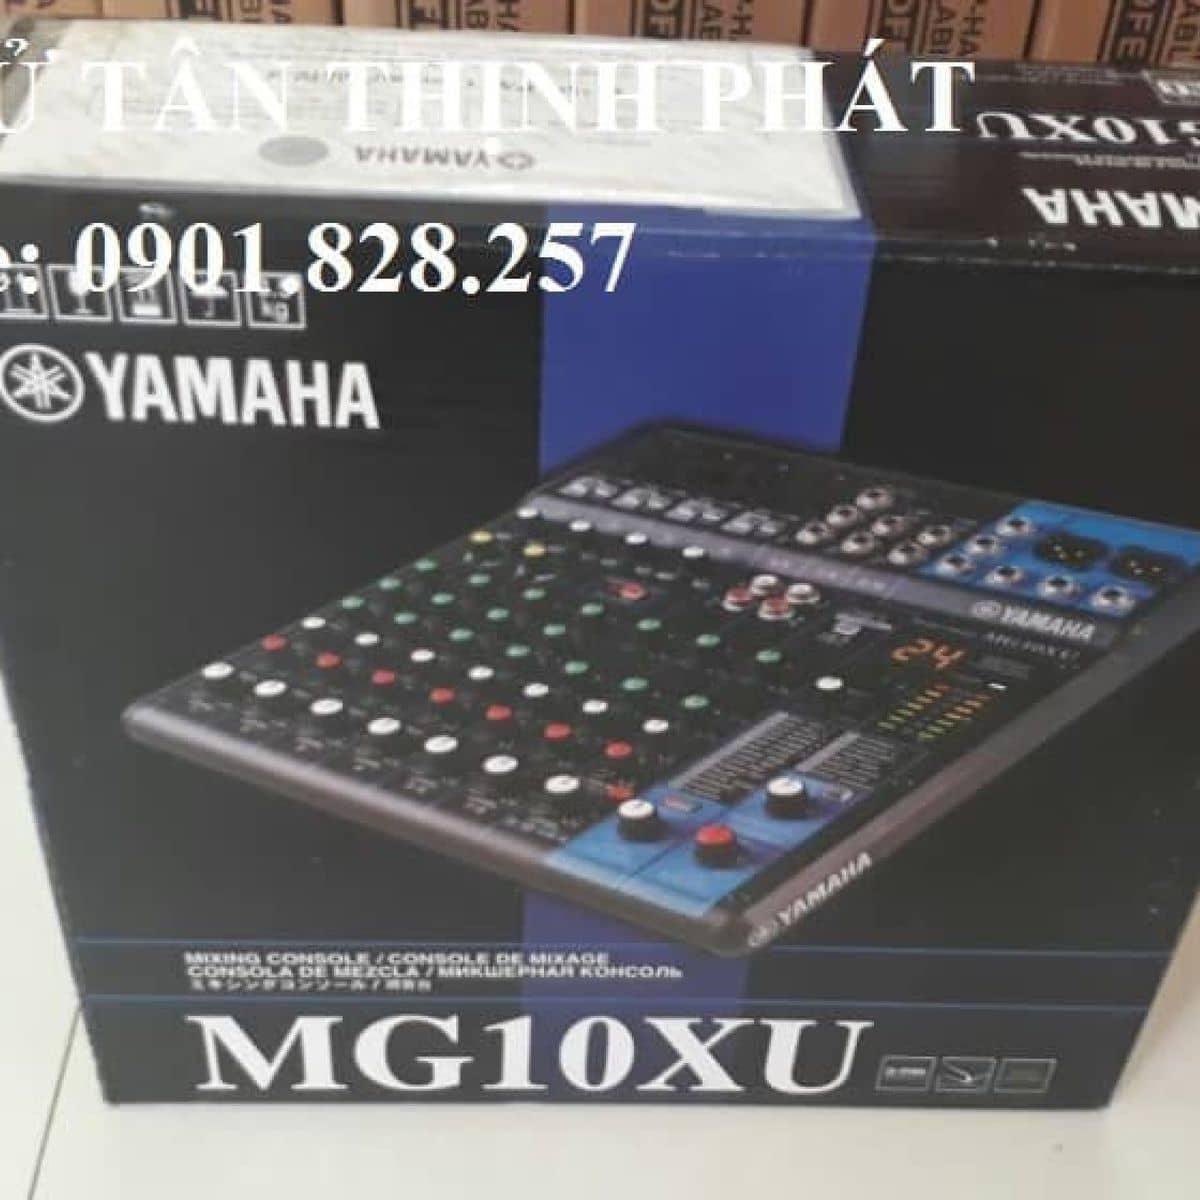 Bn Mixer Yamaha Mg10xu Gi R Ti Cng Ty Tnhh Tin Hc In T Tn Thnh Pht Ca Lozi